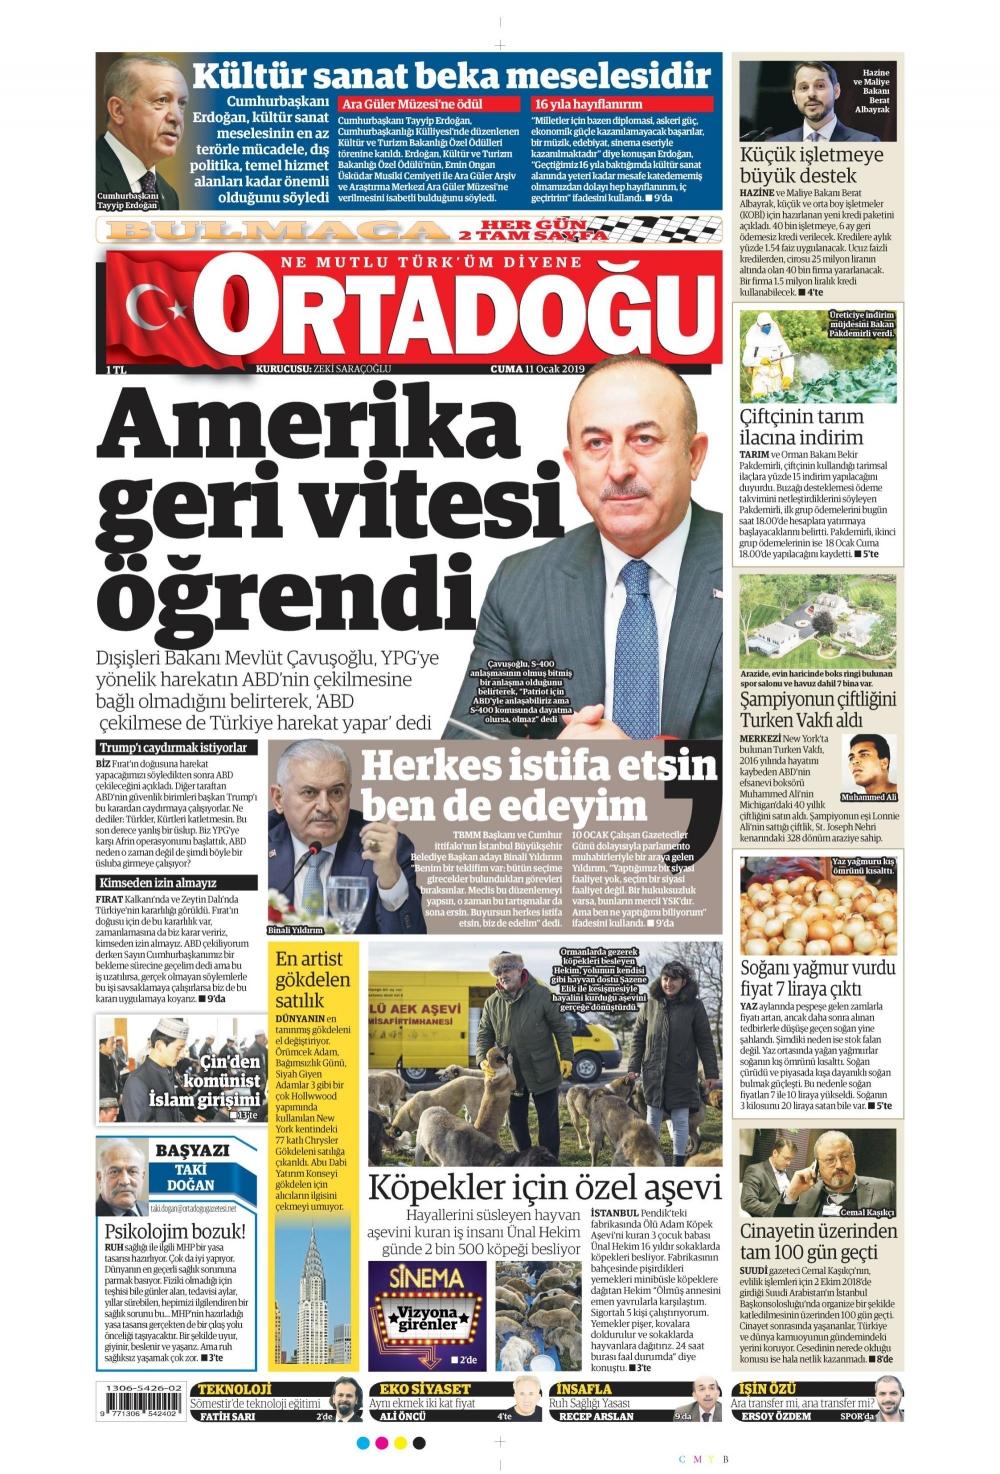 Günün gazete manşetleri (11.01.2019) 1